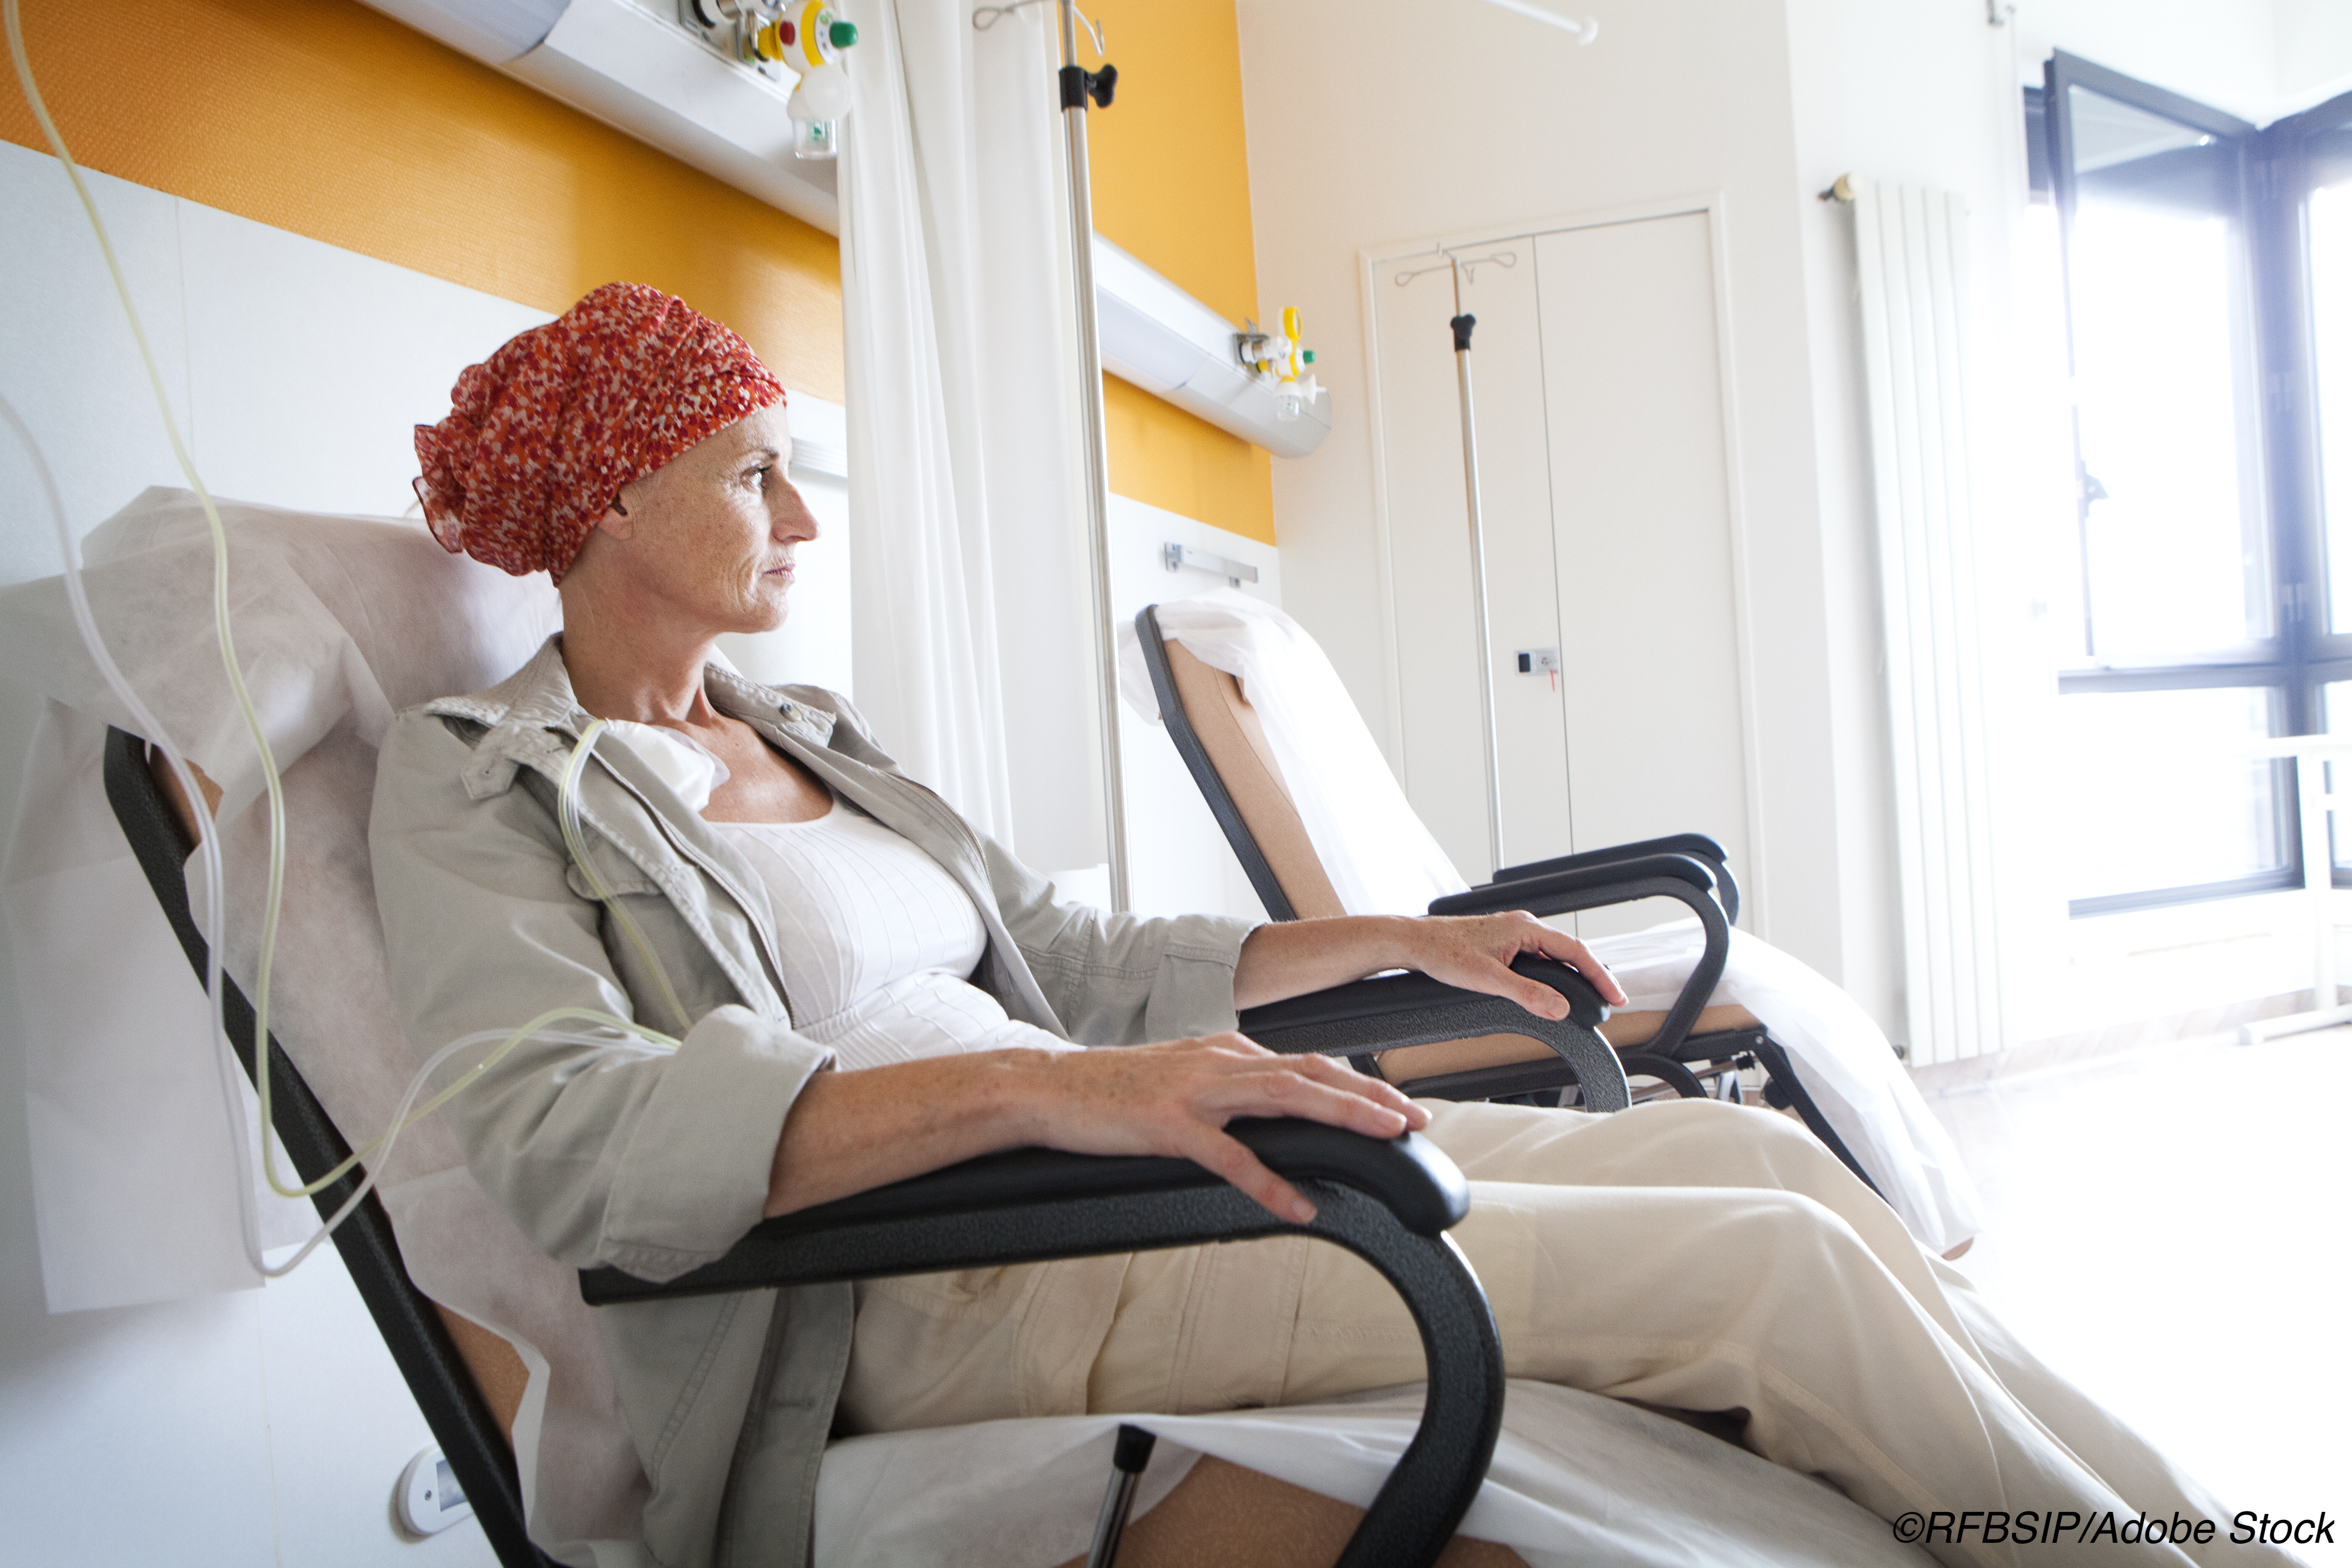 癌症过度血管疾病在糖尿病相关死亡中